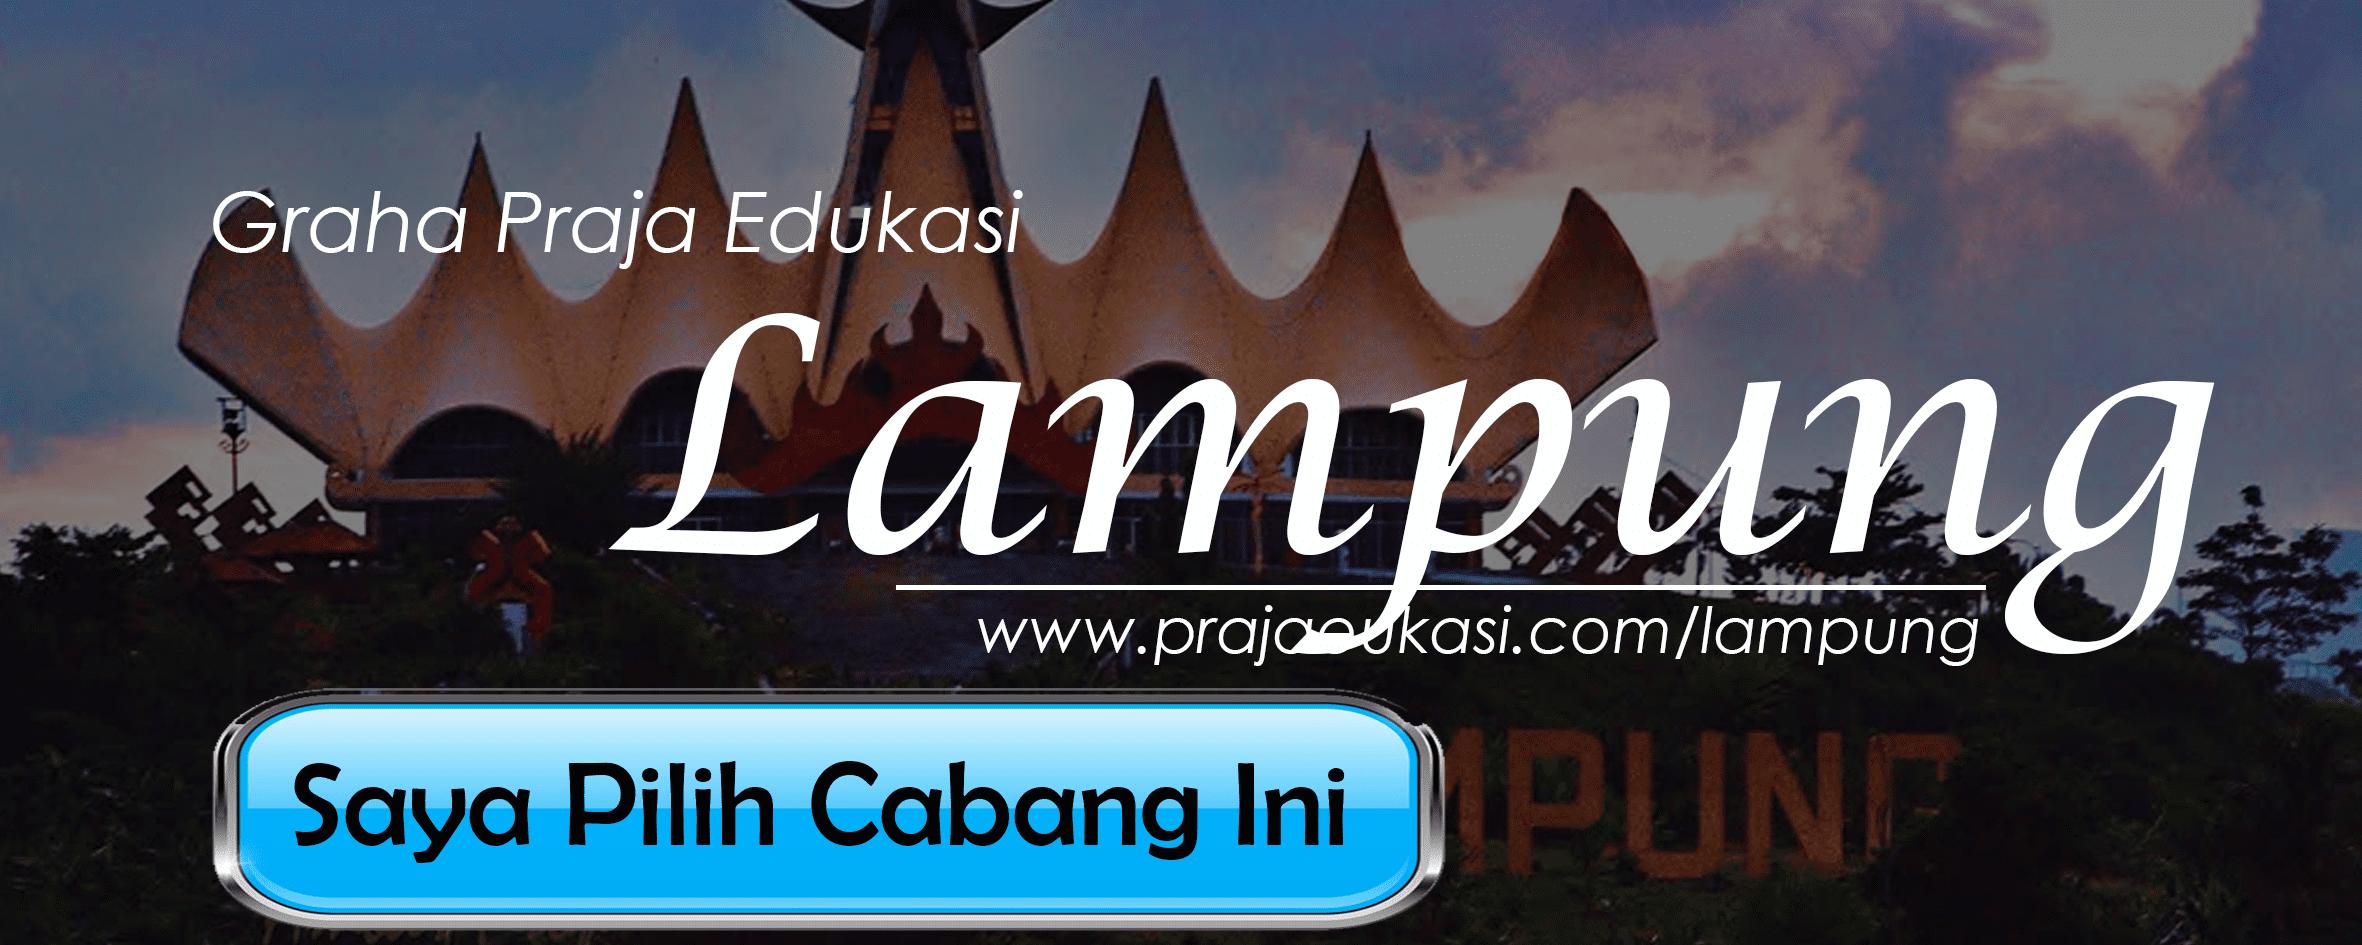 Praja Edukasi Lampung